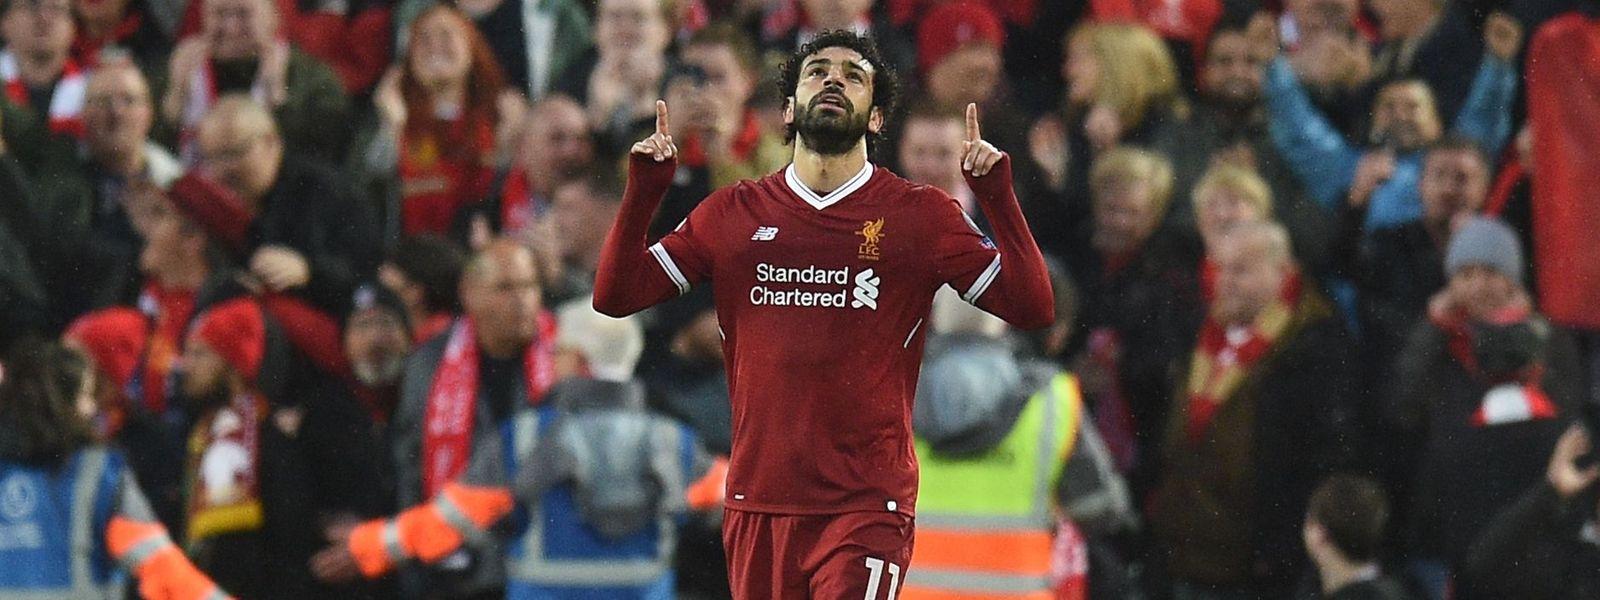 Can Mohamed Salah Win The Ballon d Or?